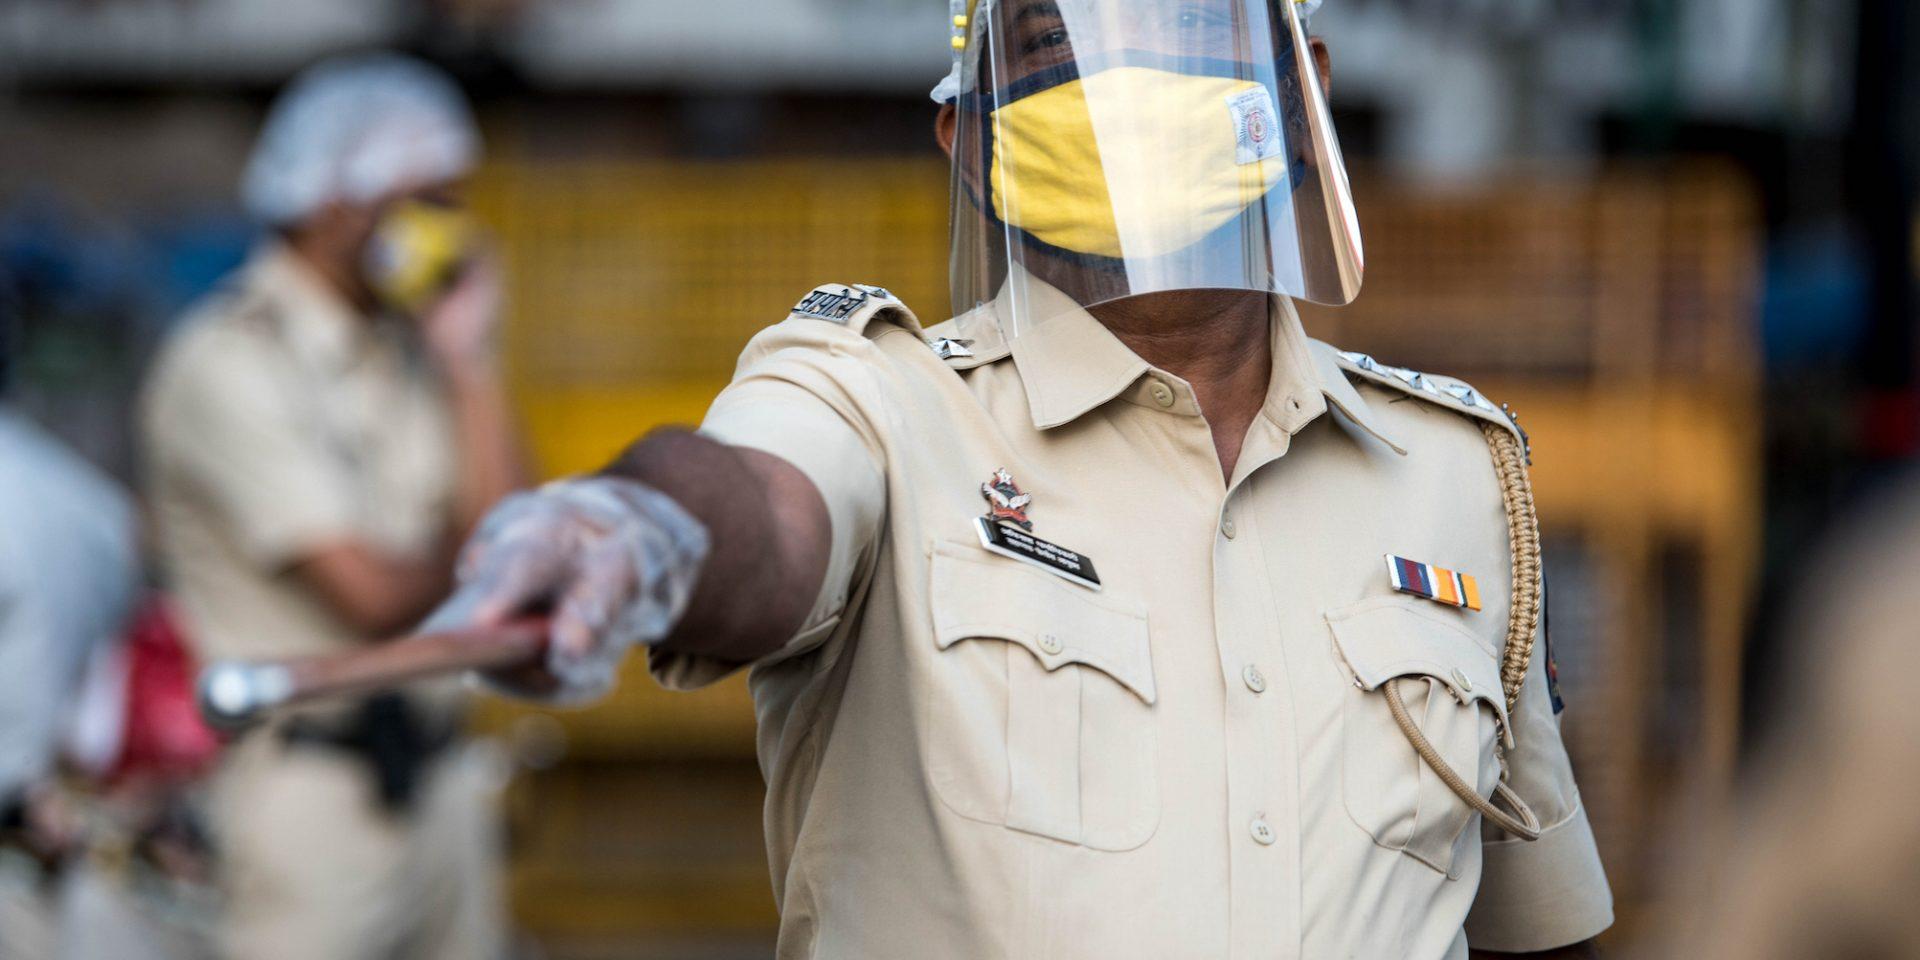 Indien är ett av många länder där demokratin försämrats under covid-19-pandemin. Polisen har slagit ner hårt på bland andra muslimer.